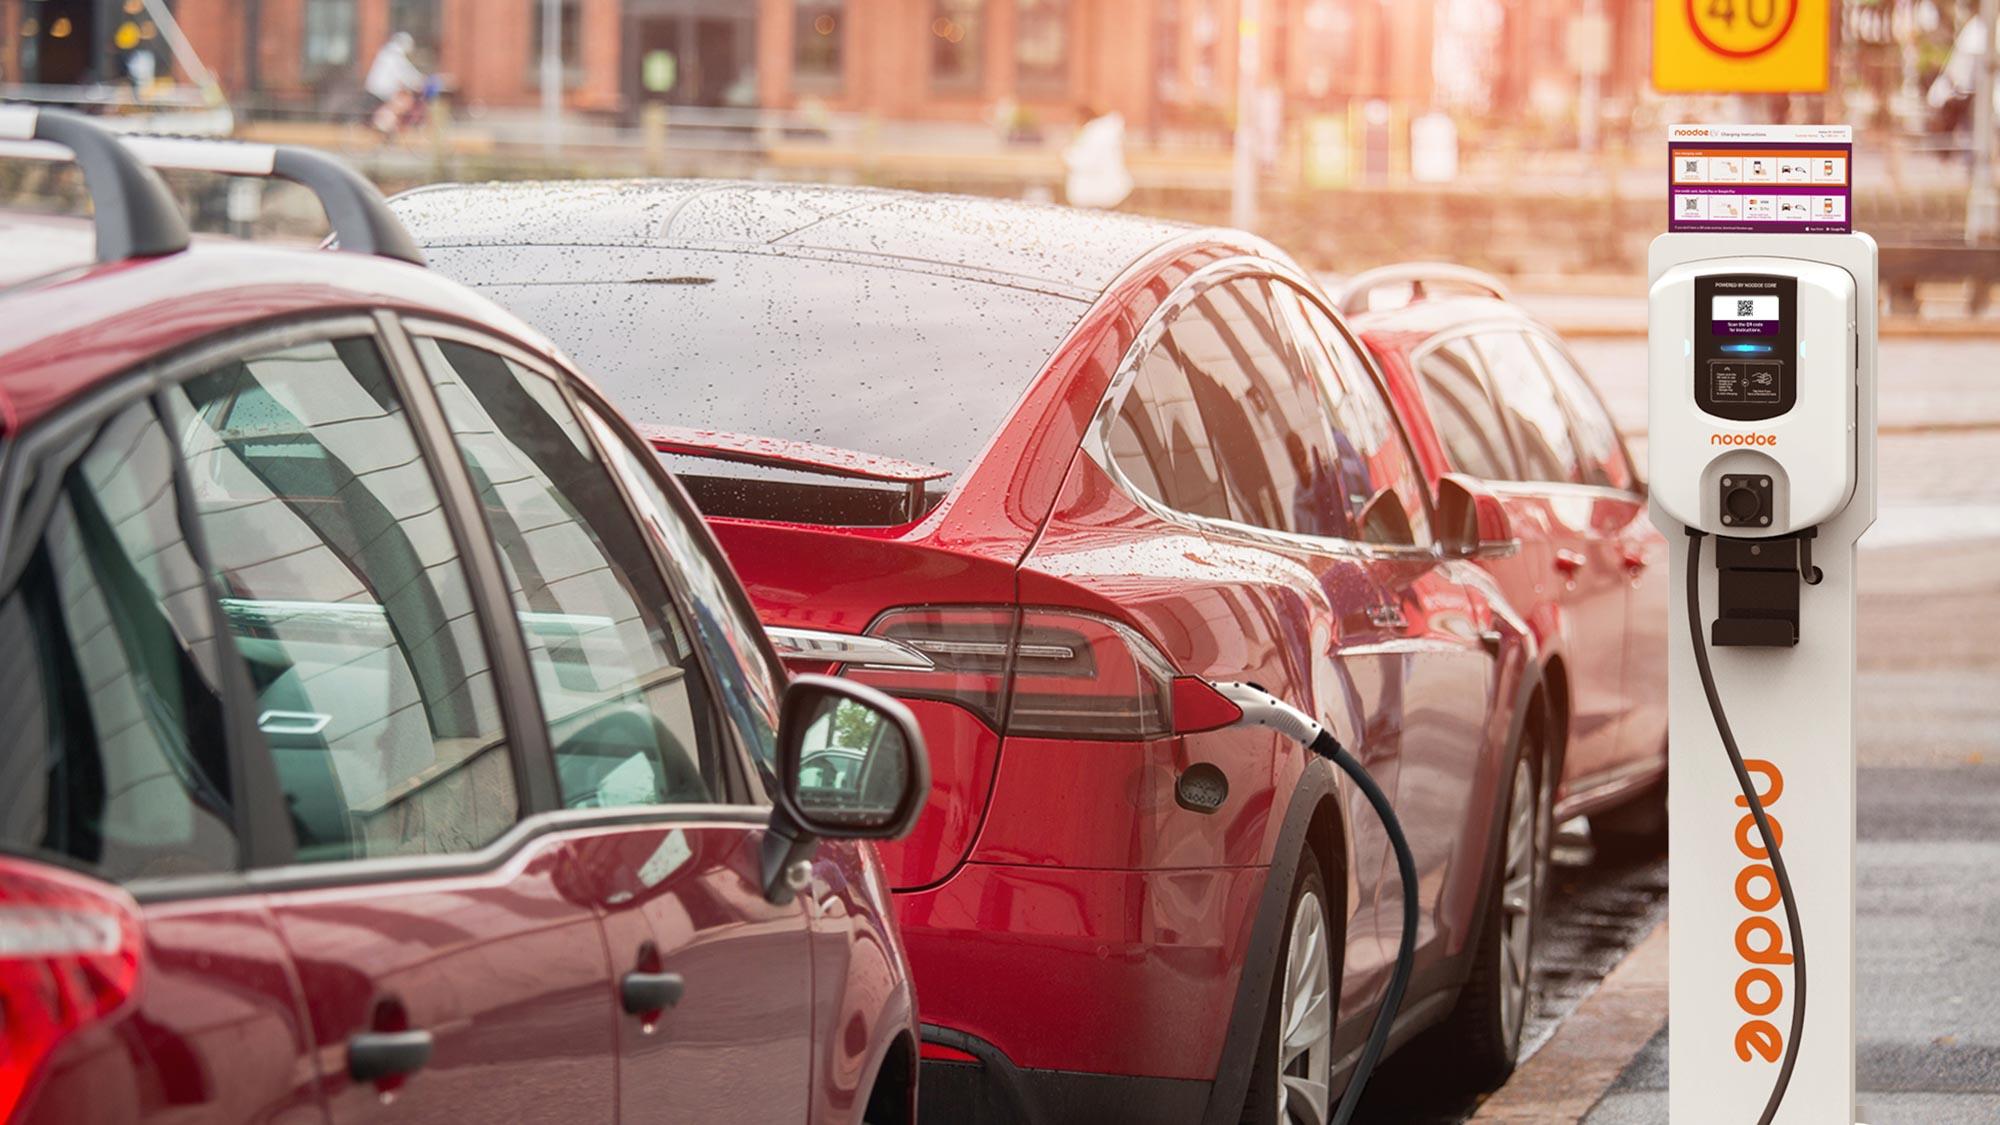 選擇電動車新興市場美國作為發展基地,Noodoe 於當地擁有相當豐富的營運經驗。